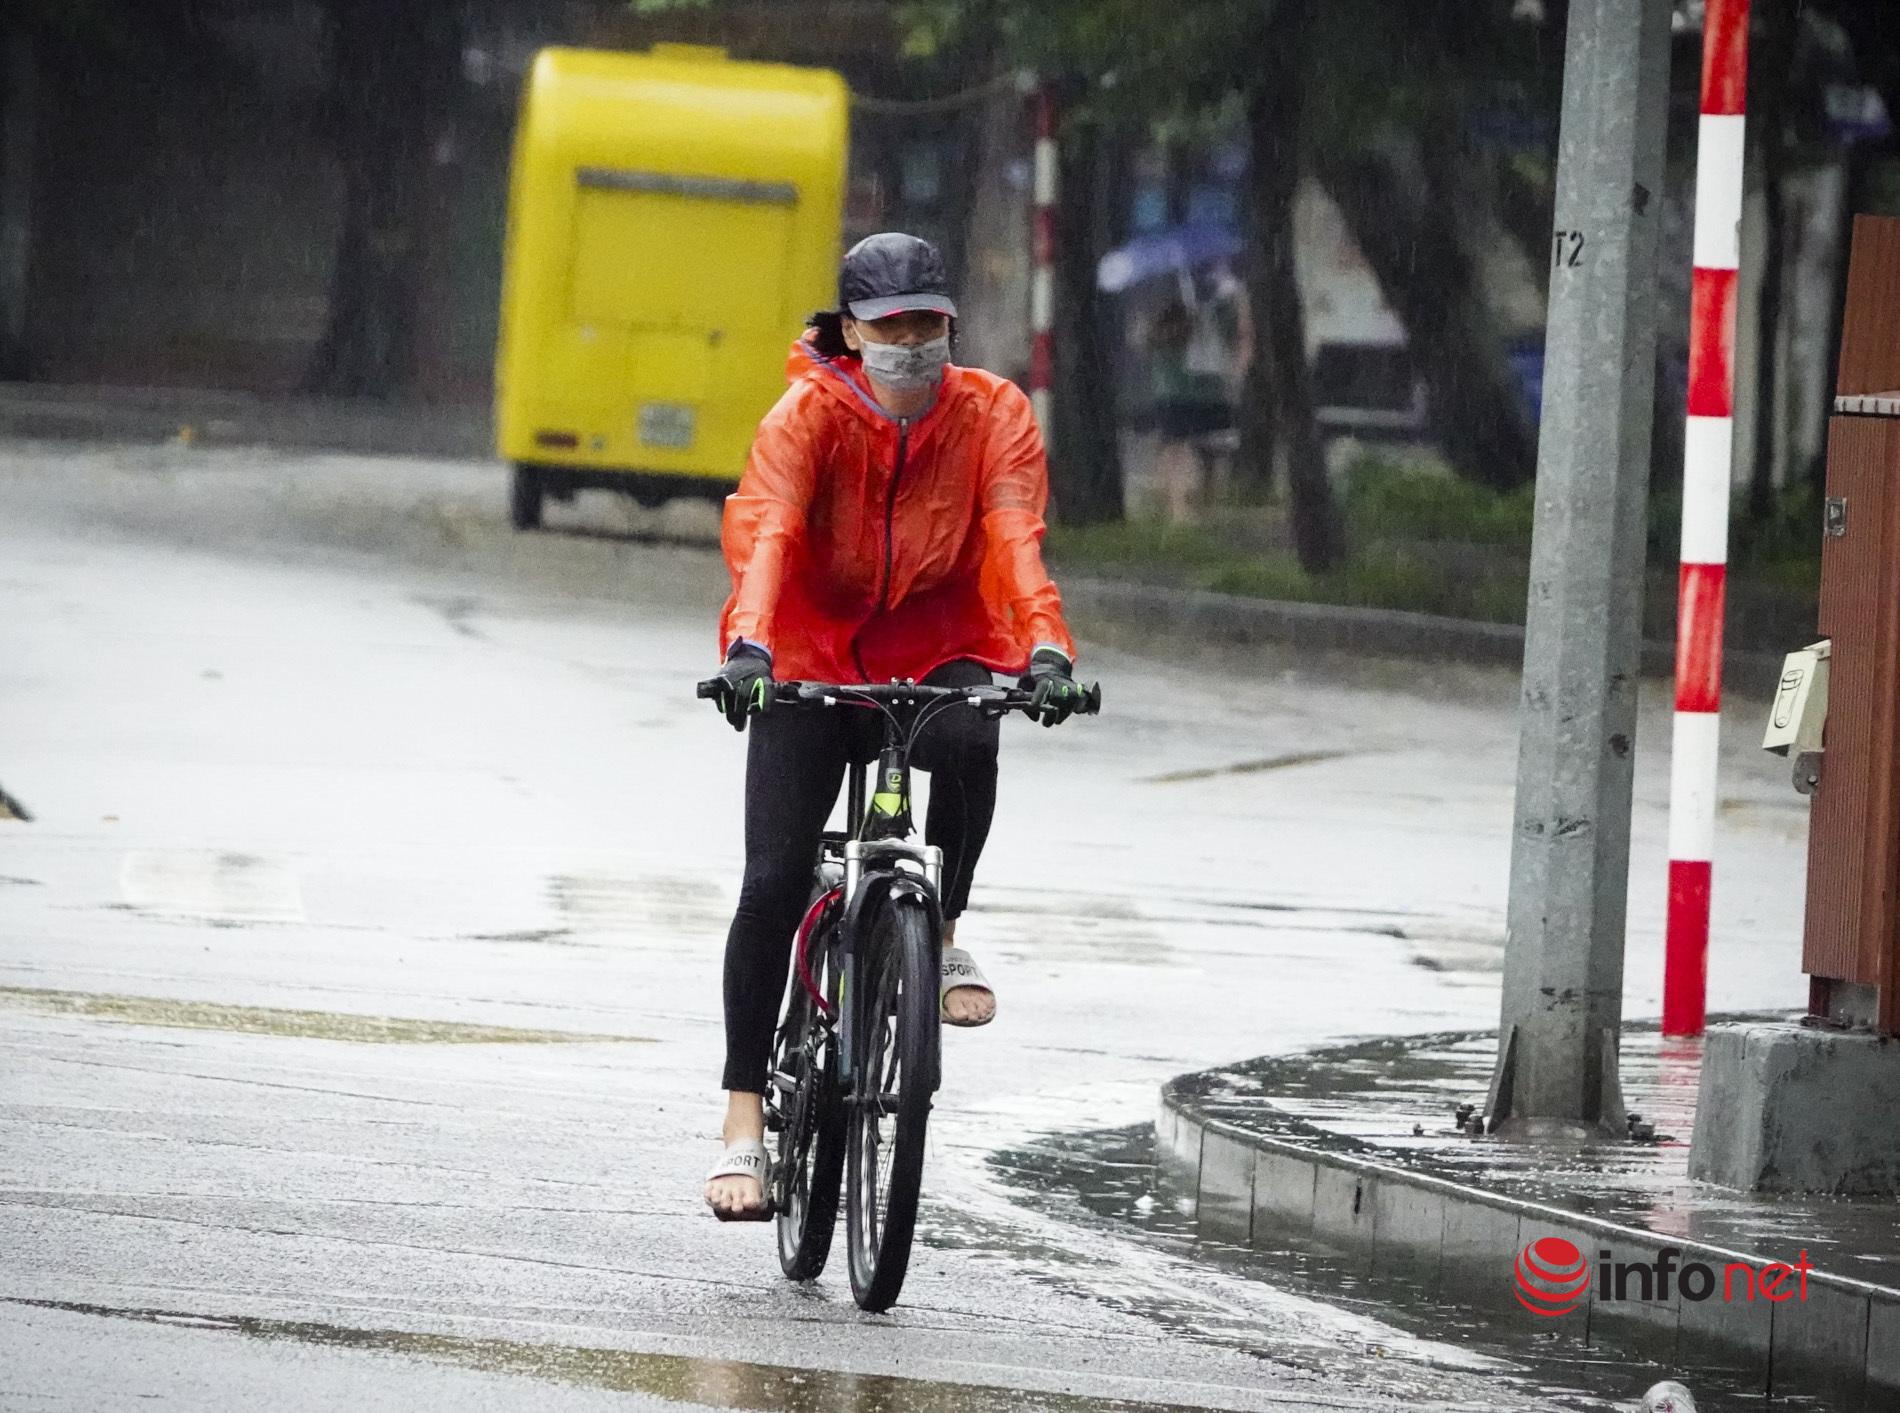 Đón không khí lạnh đầu mùa, người Hà Nội đội mưa, mặc áo ấm ra đường